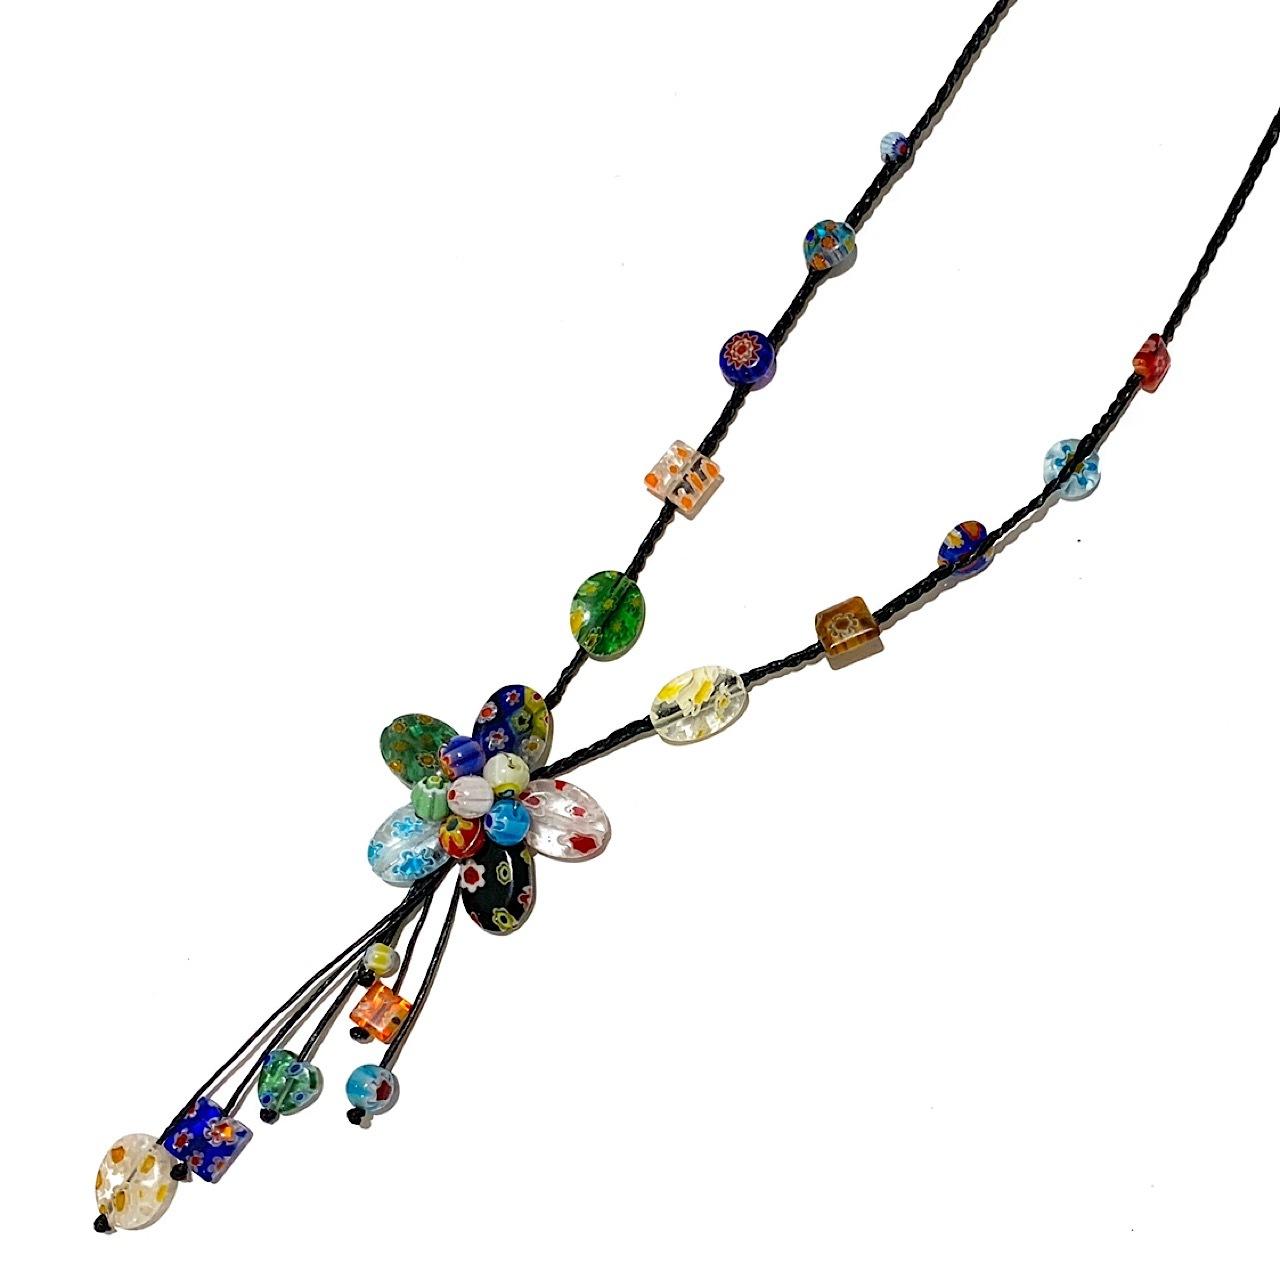 acc-036 ベネチアングラスの花ネックレス